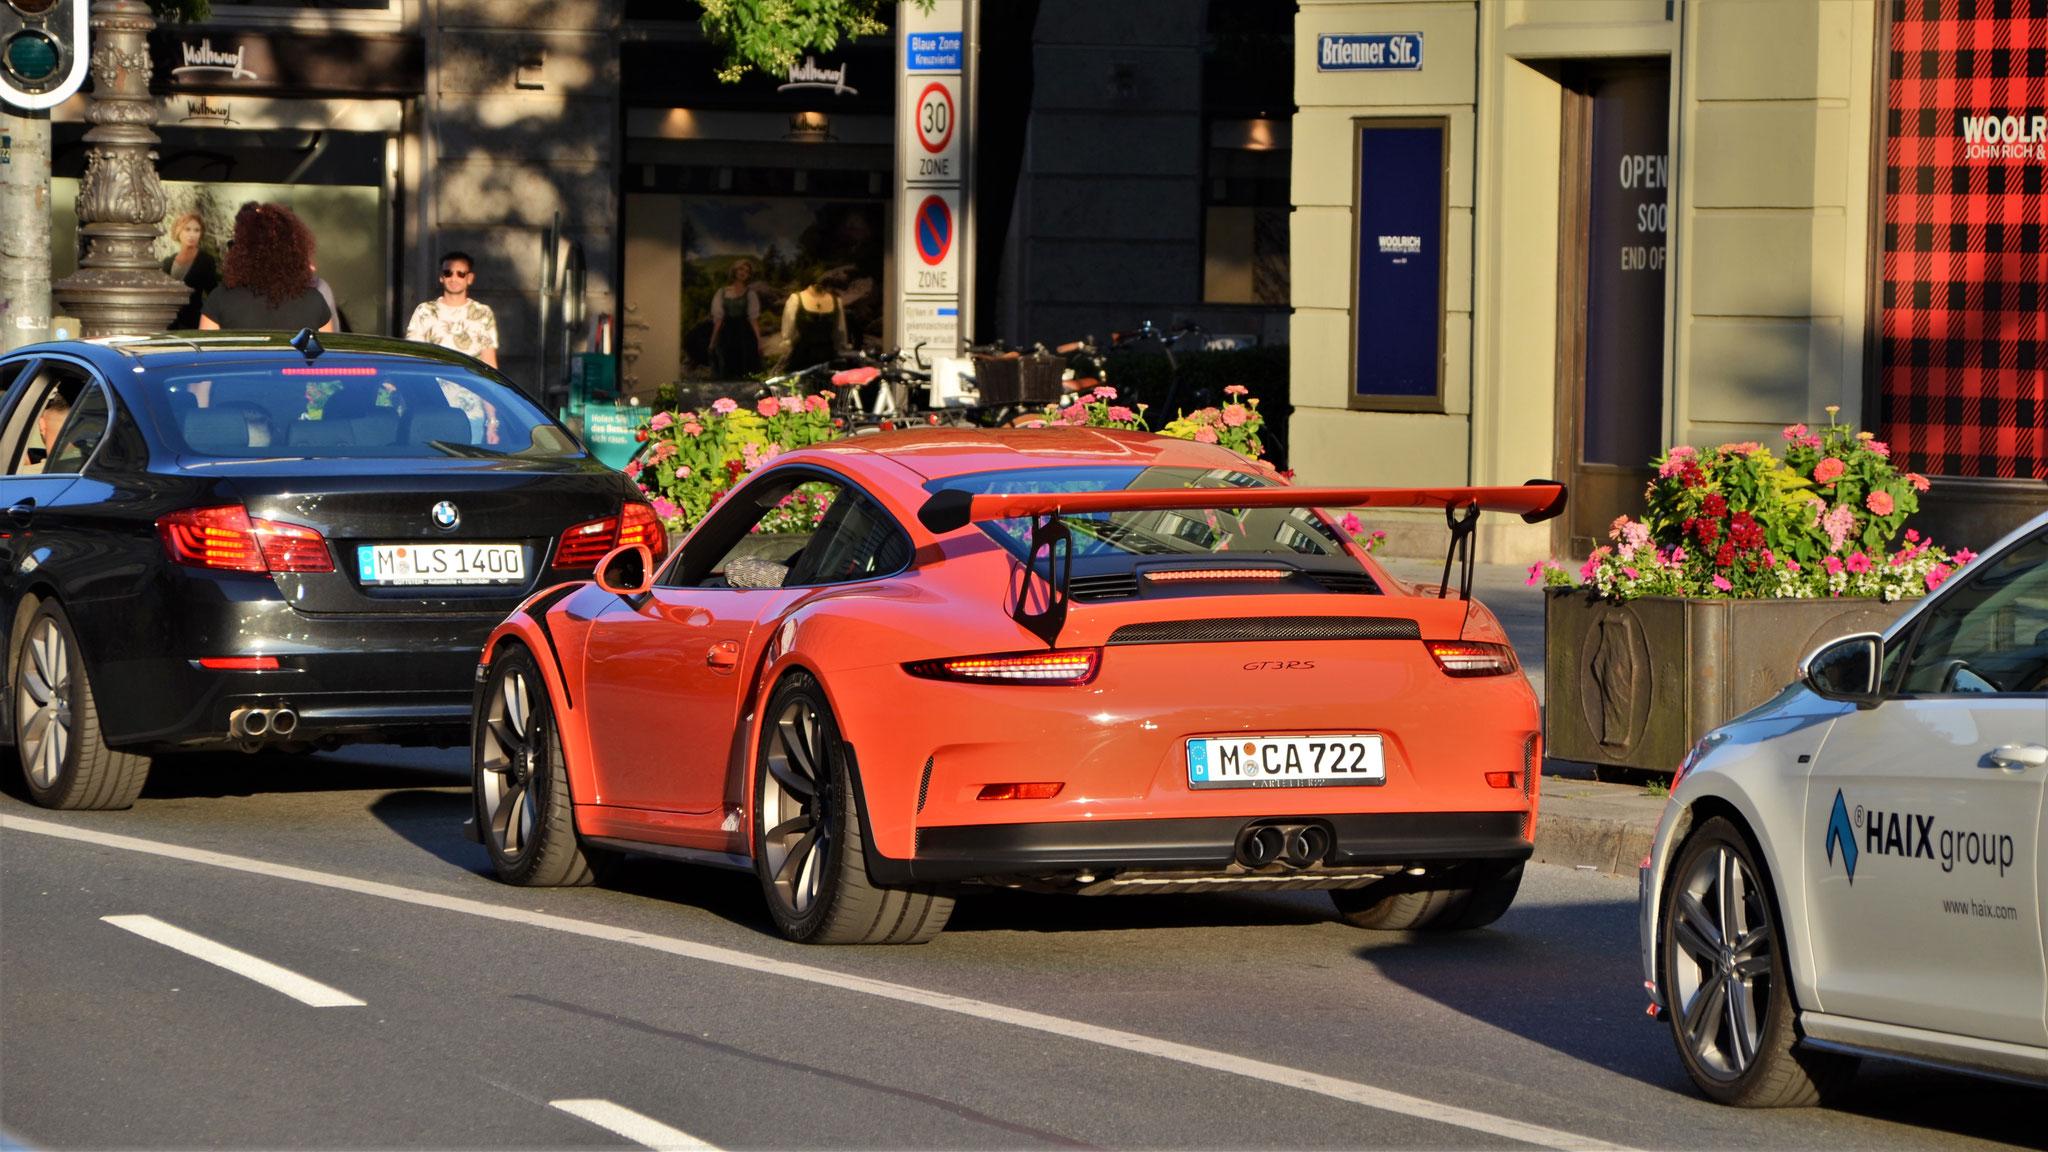 Porsche 911 GT3 RS - M-CA-722